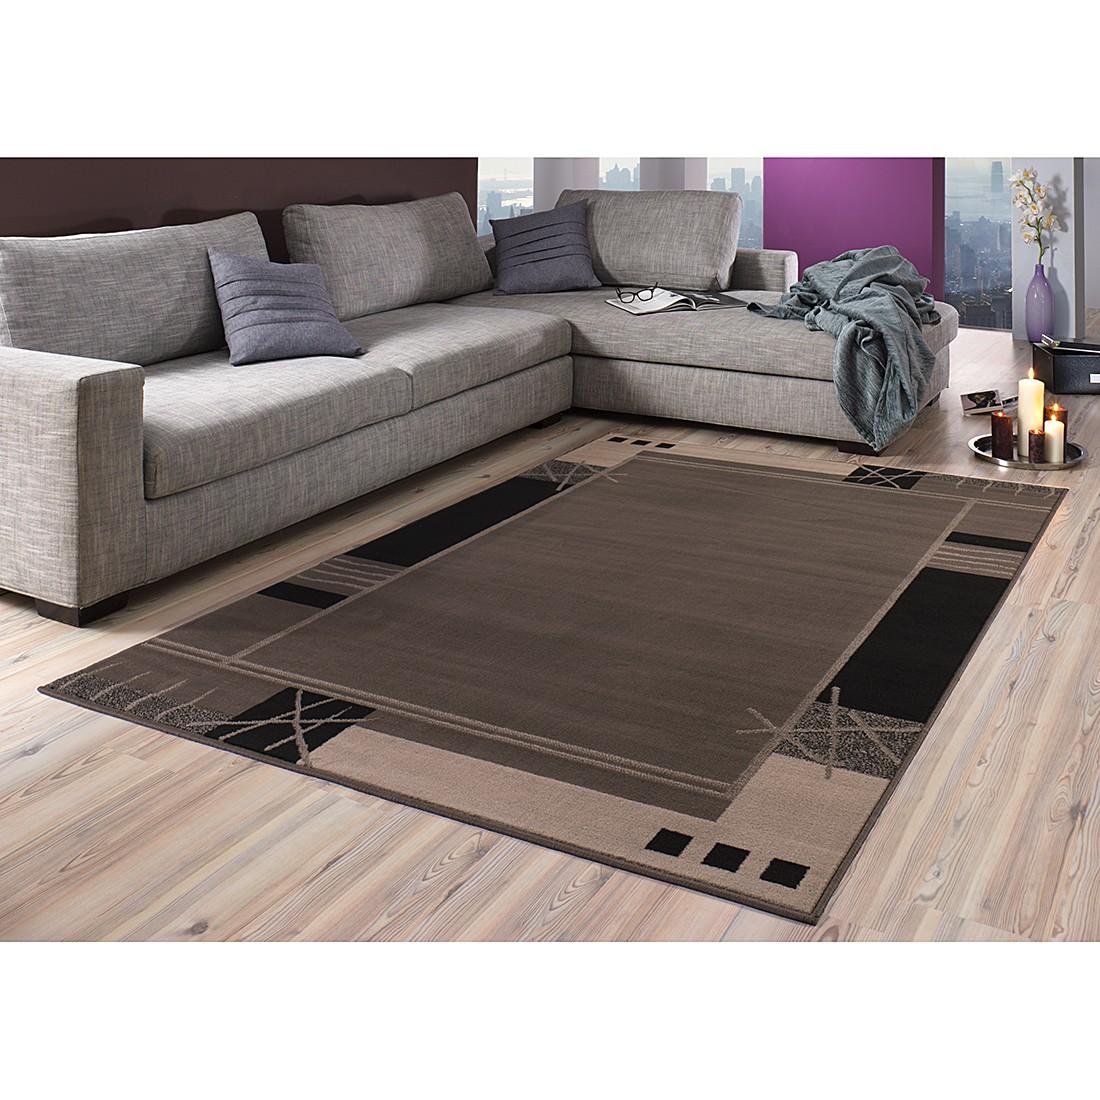 amazon teppiche kurzflor beautiful teppich wohnzimmer. Black Bedroom Furniture Sets. Home Design Ideas